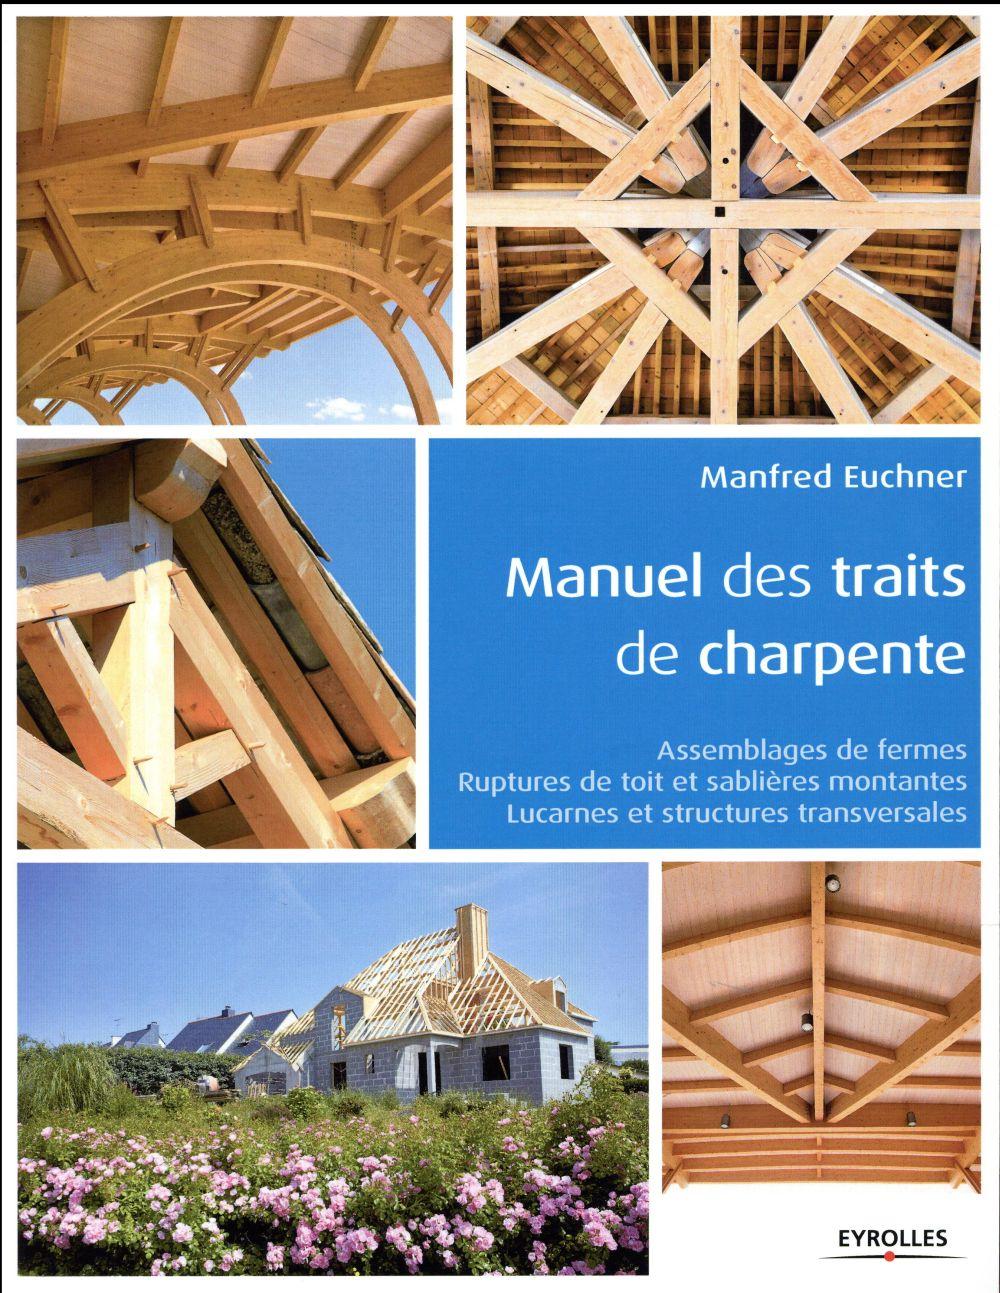 Manuel Des Traits De Charpente - Assemblages De Fermes - Ruptures De Toit Et Sablieres Montantes - L